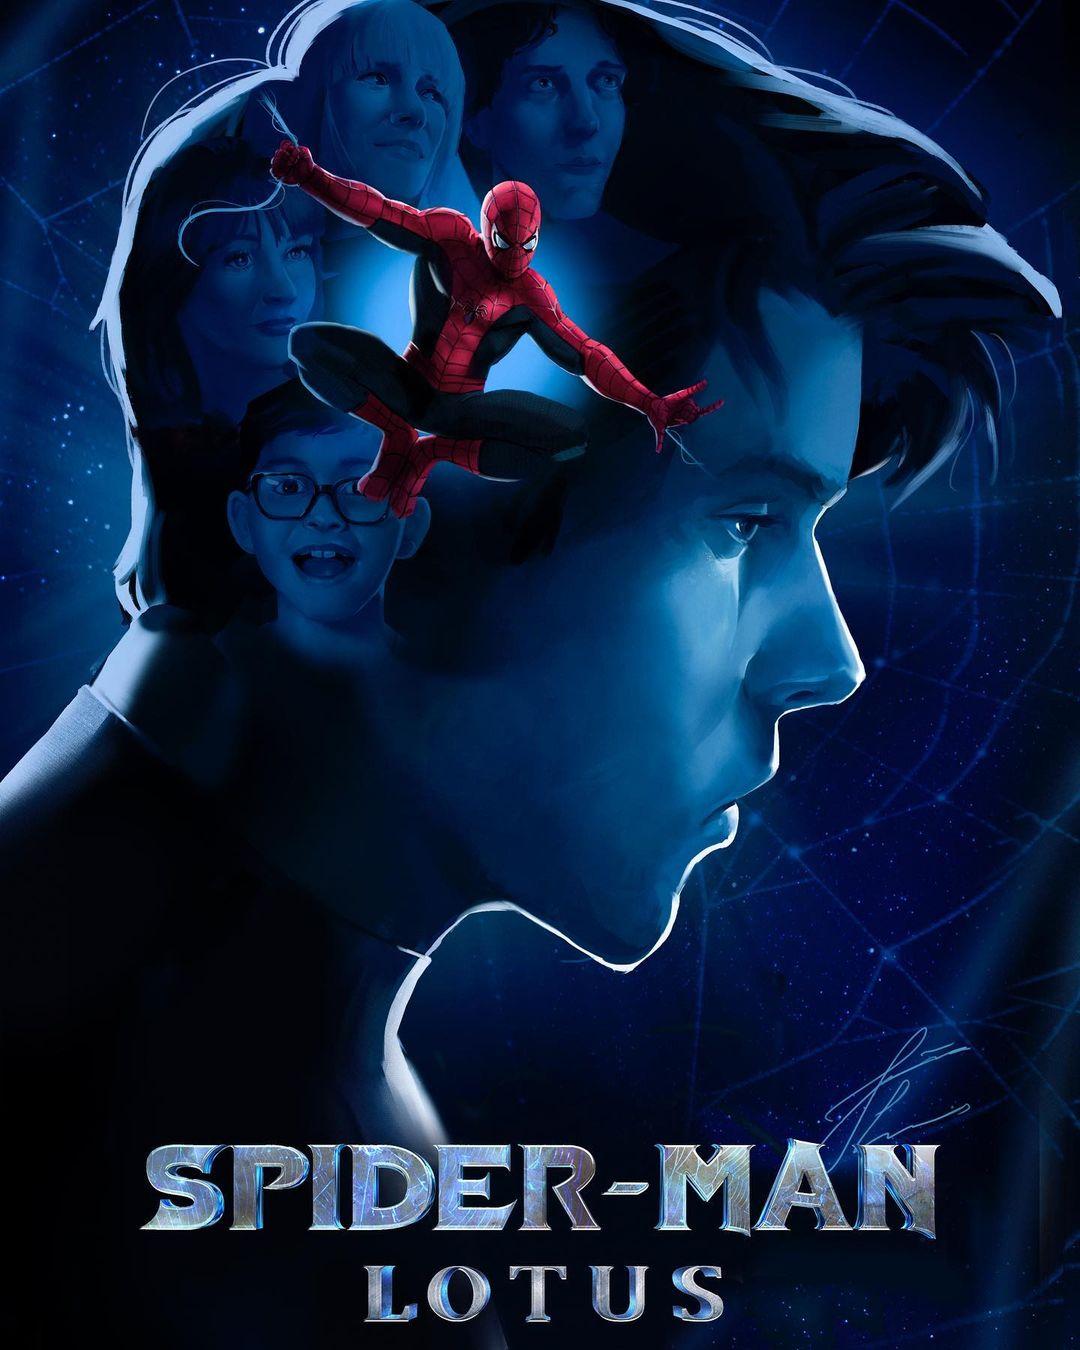 spider man lotus fan filme com baixo orcamento uma nova abordagem para o homem aranha poster - Spider-Man: Lotus   Fan filme com baixo orçamento traz uma nova abordagem para o Homem-Aranha